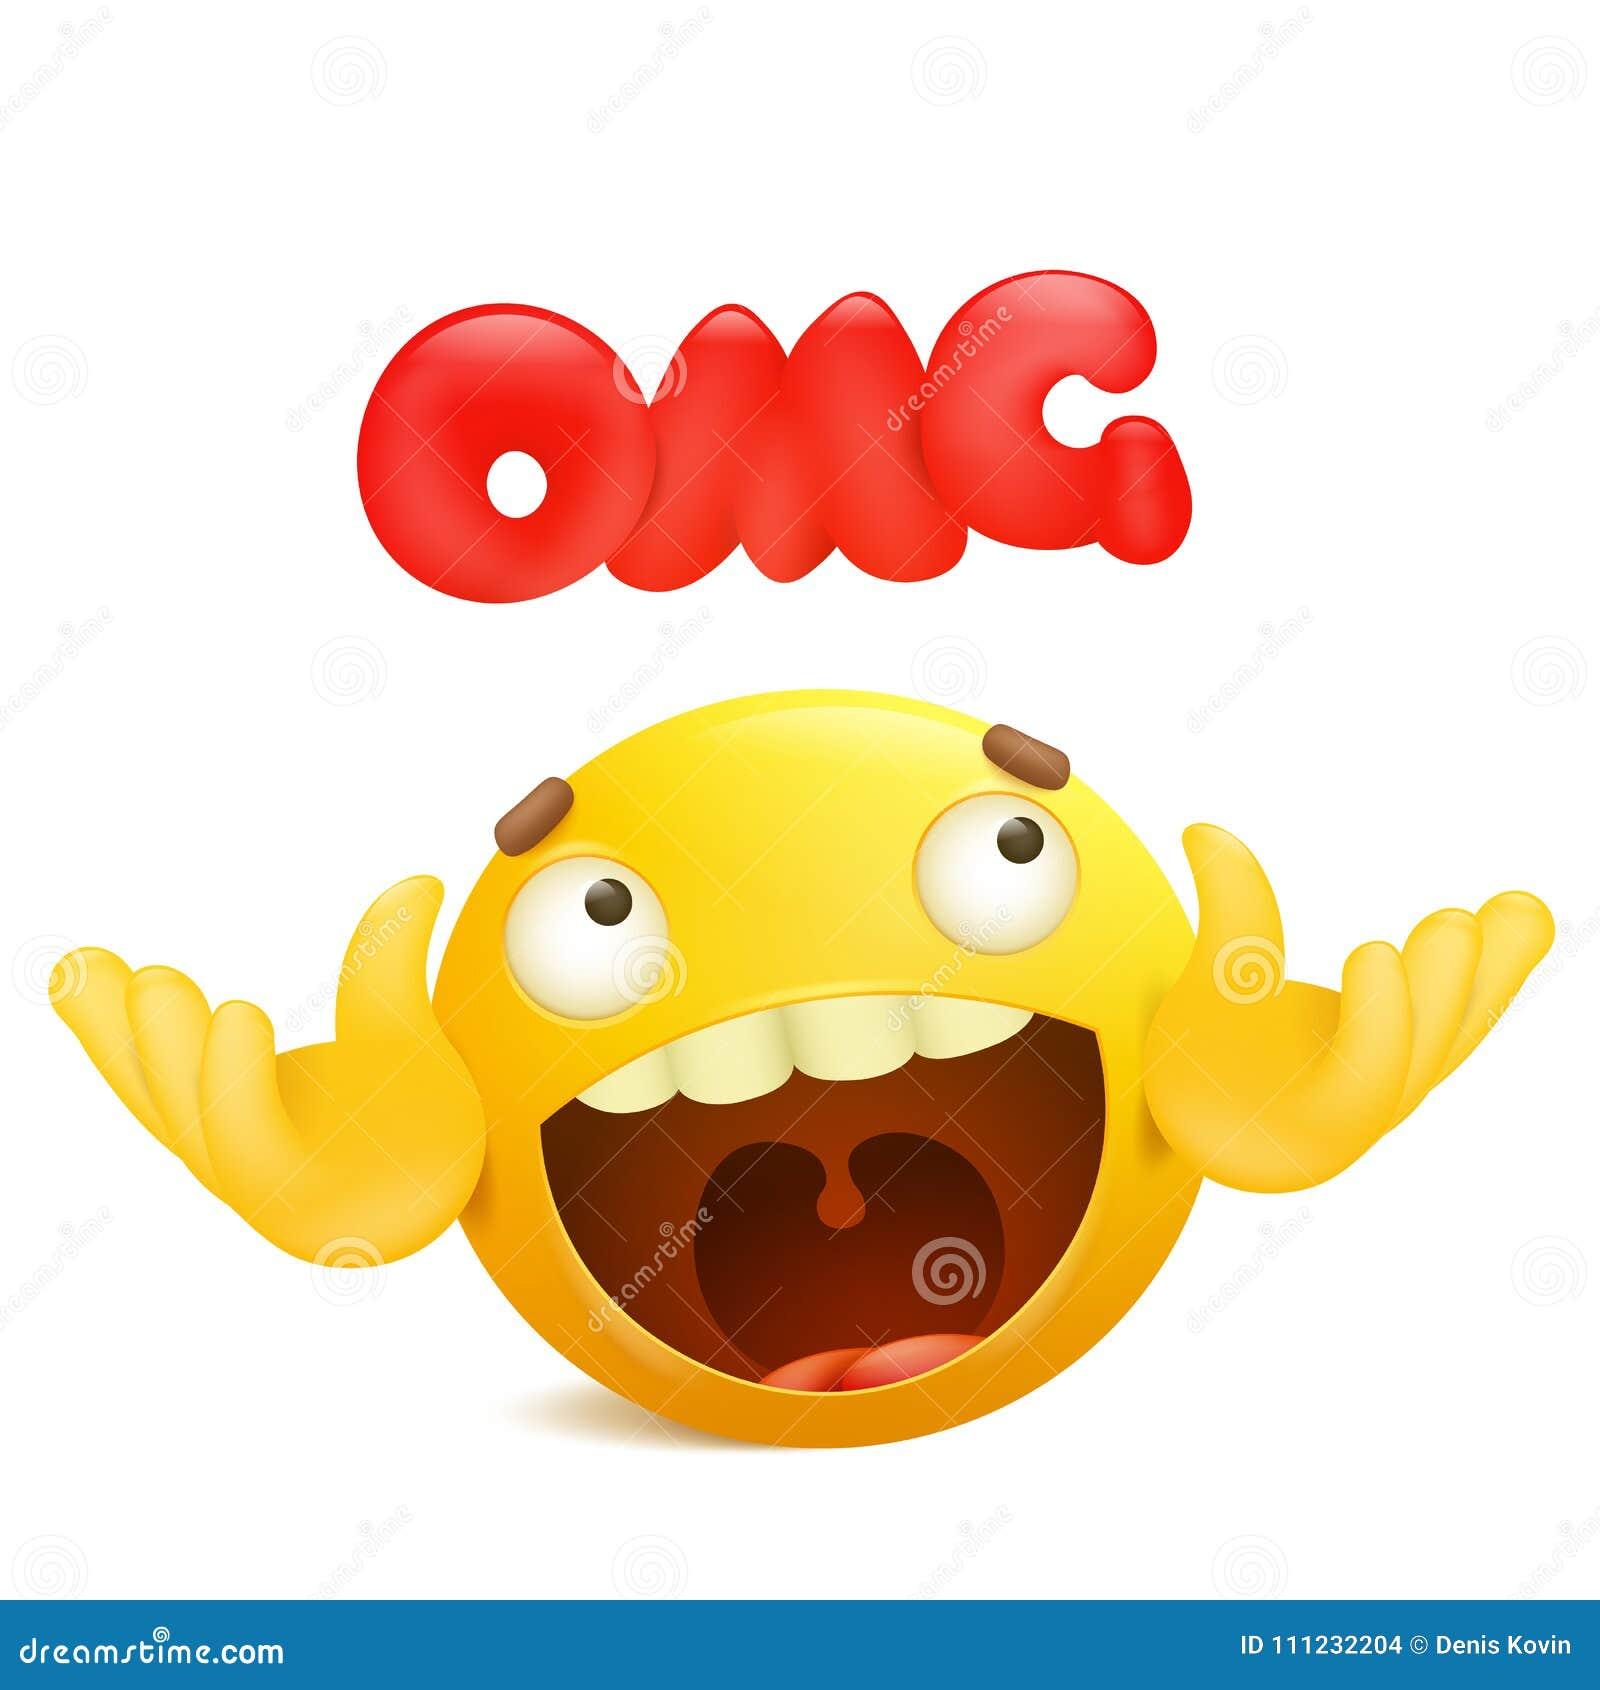 Cm nuovo cartone animato il emoji movie peluche ripiene